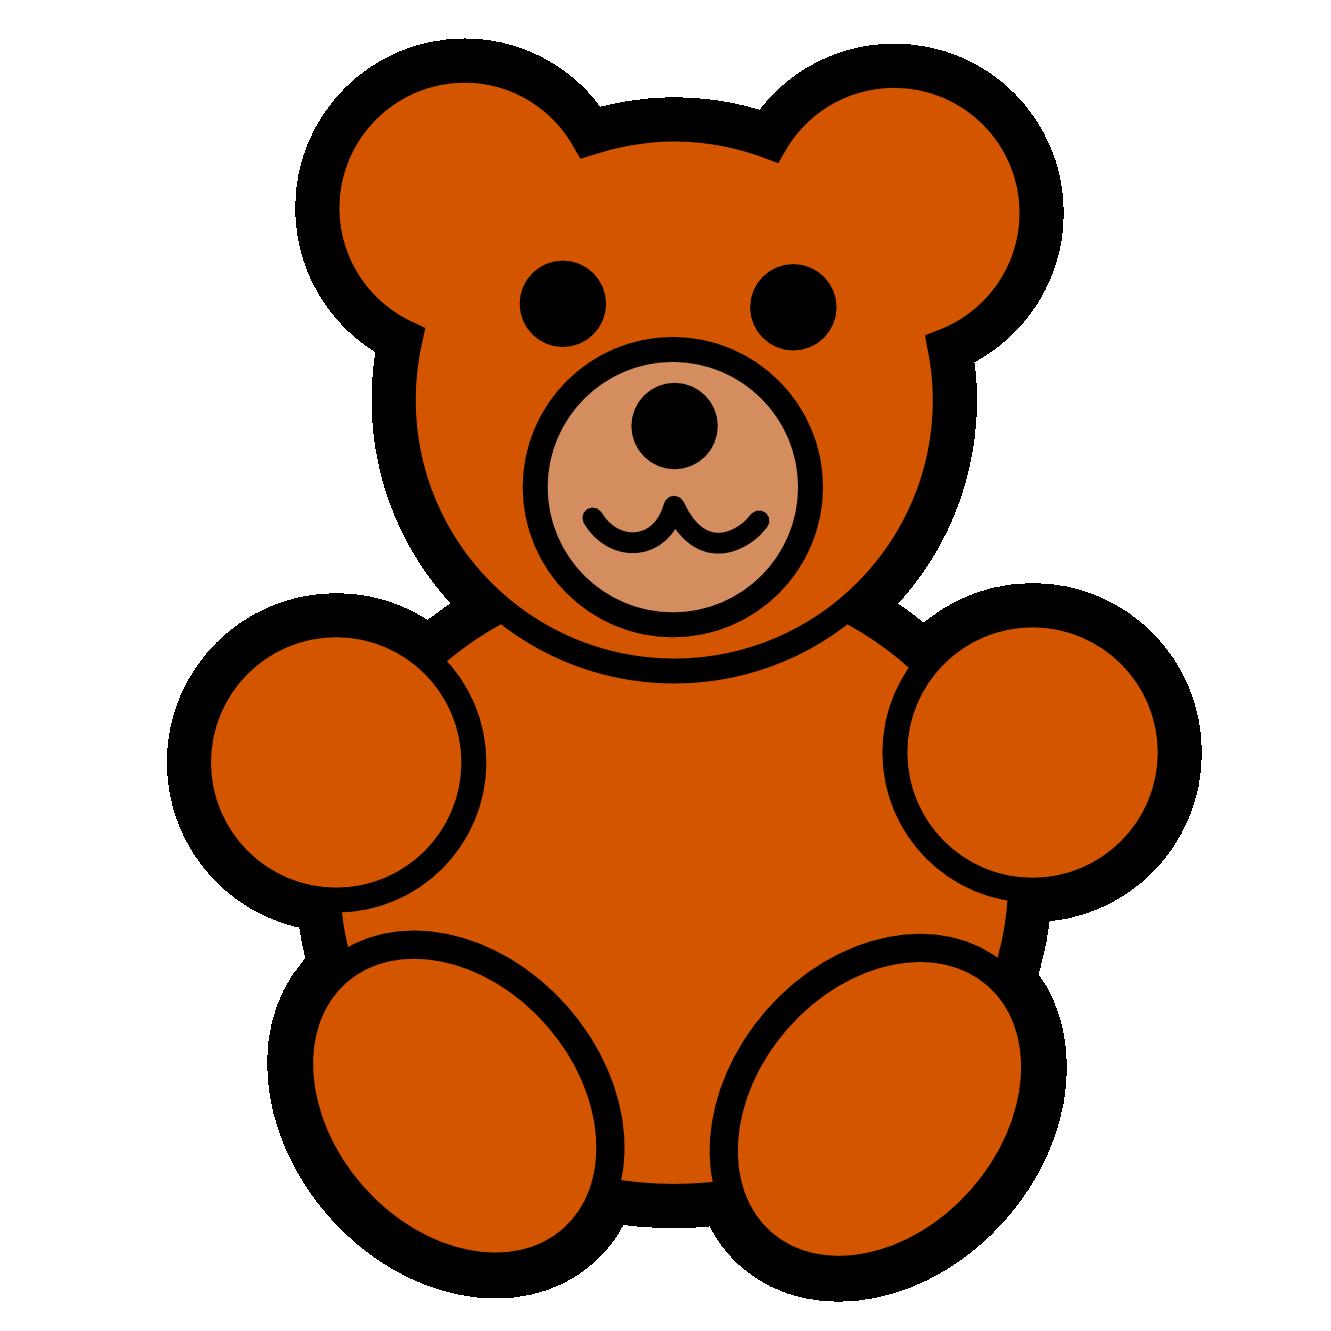 Teddy bears clipart free ... teddy bear -Teddy bears clipart free ... teddy bear clipart-17